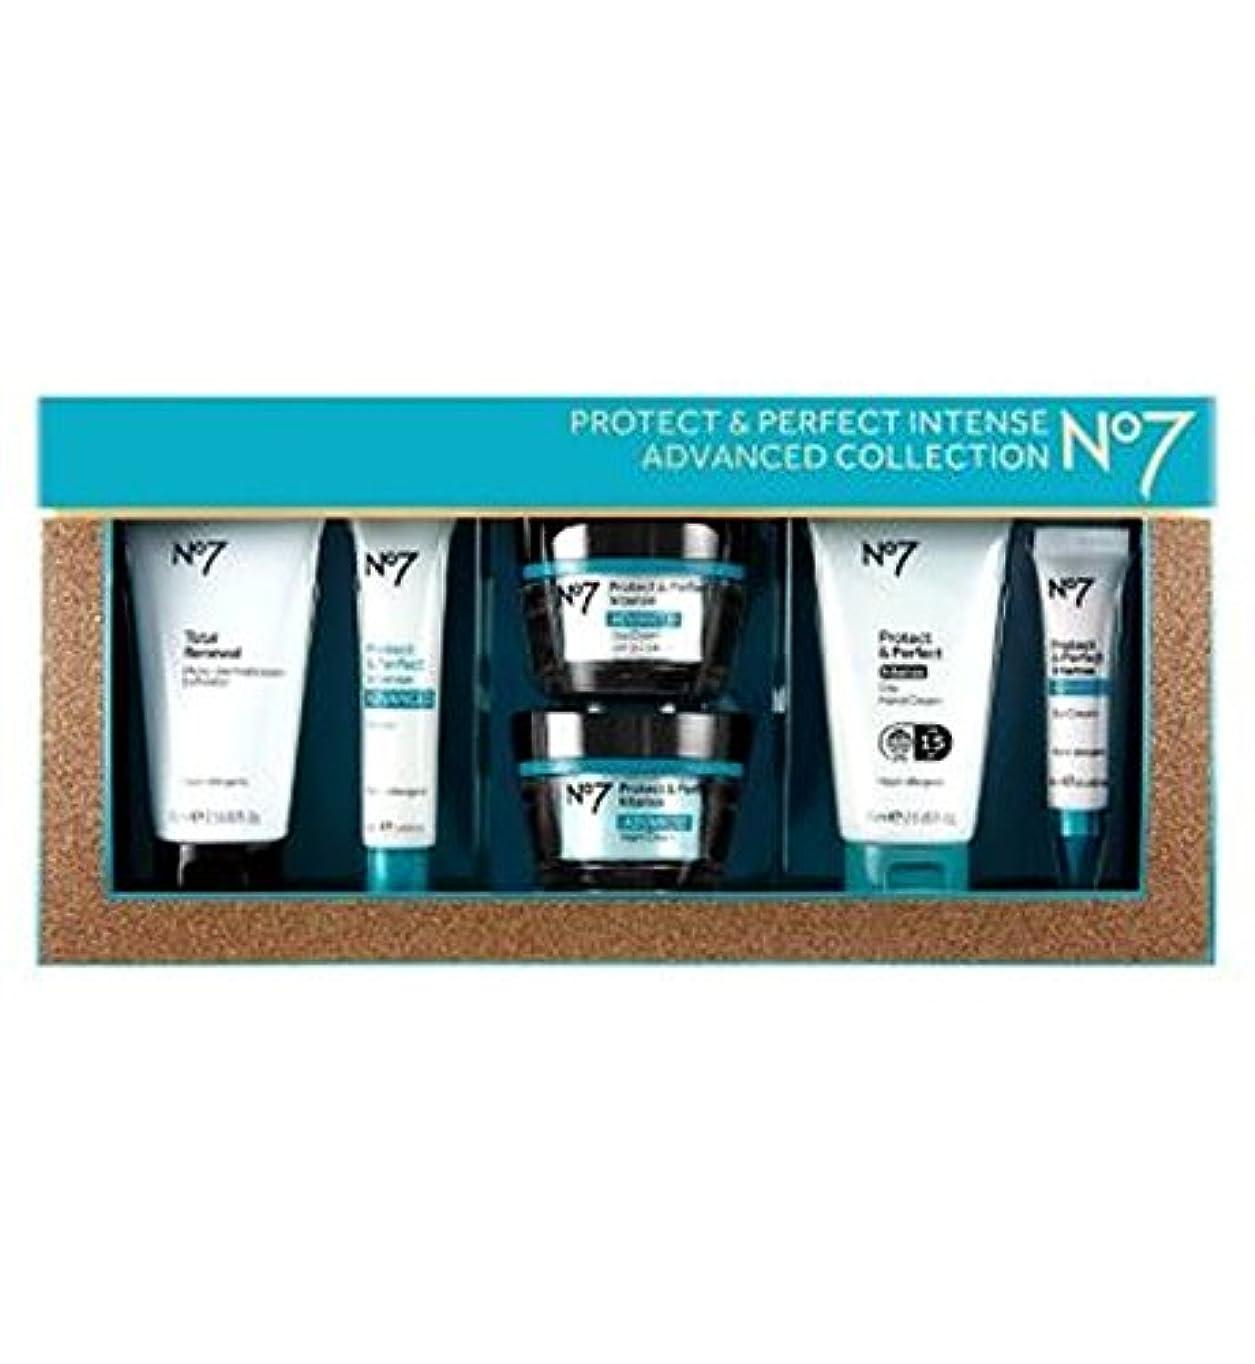 抵当まもなく思い出すNo7 Protect & Perfect Intense ADVANCED Collection - No7保護&完璧な強烈な高度なコレクション (No7) [並行輸入品]